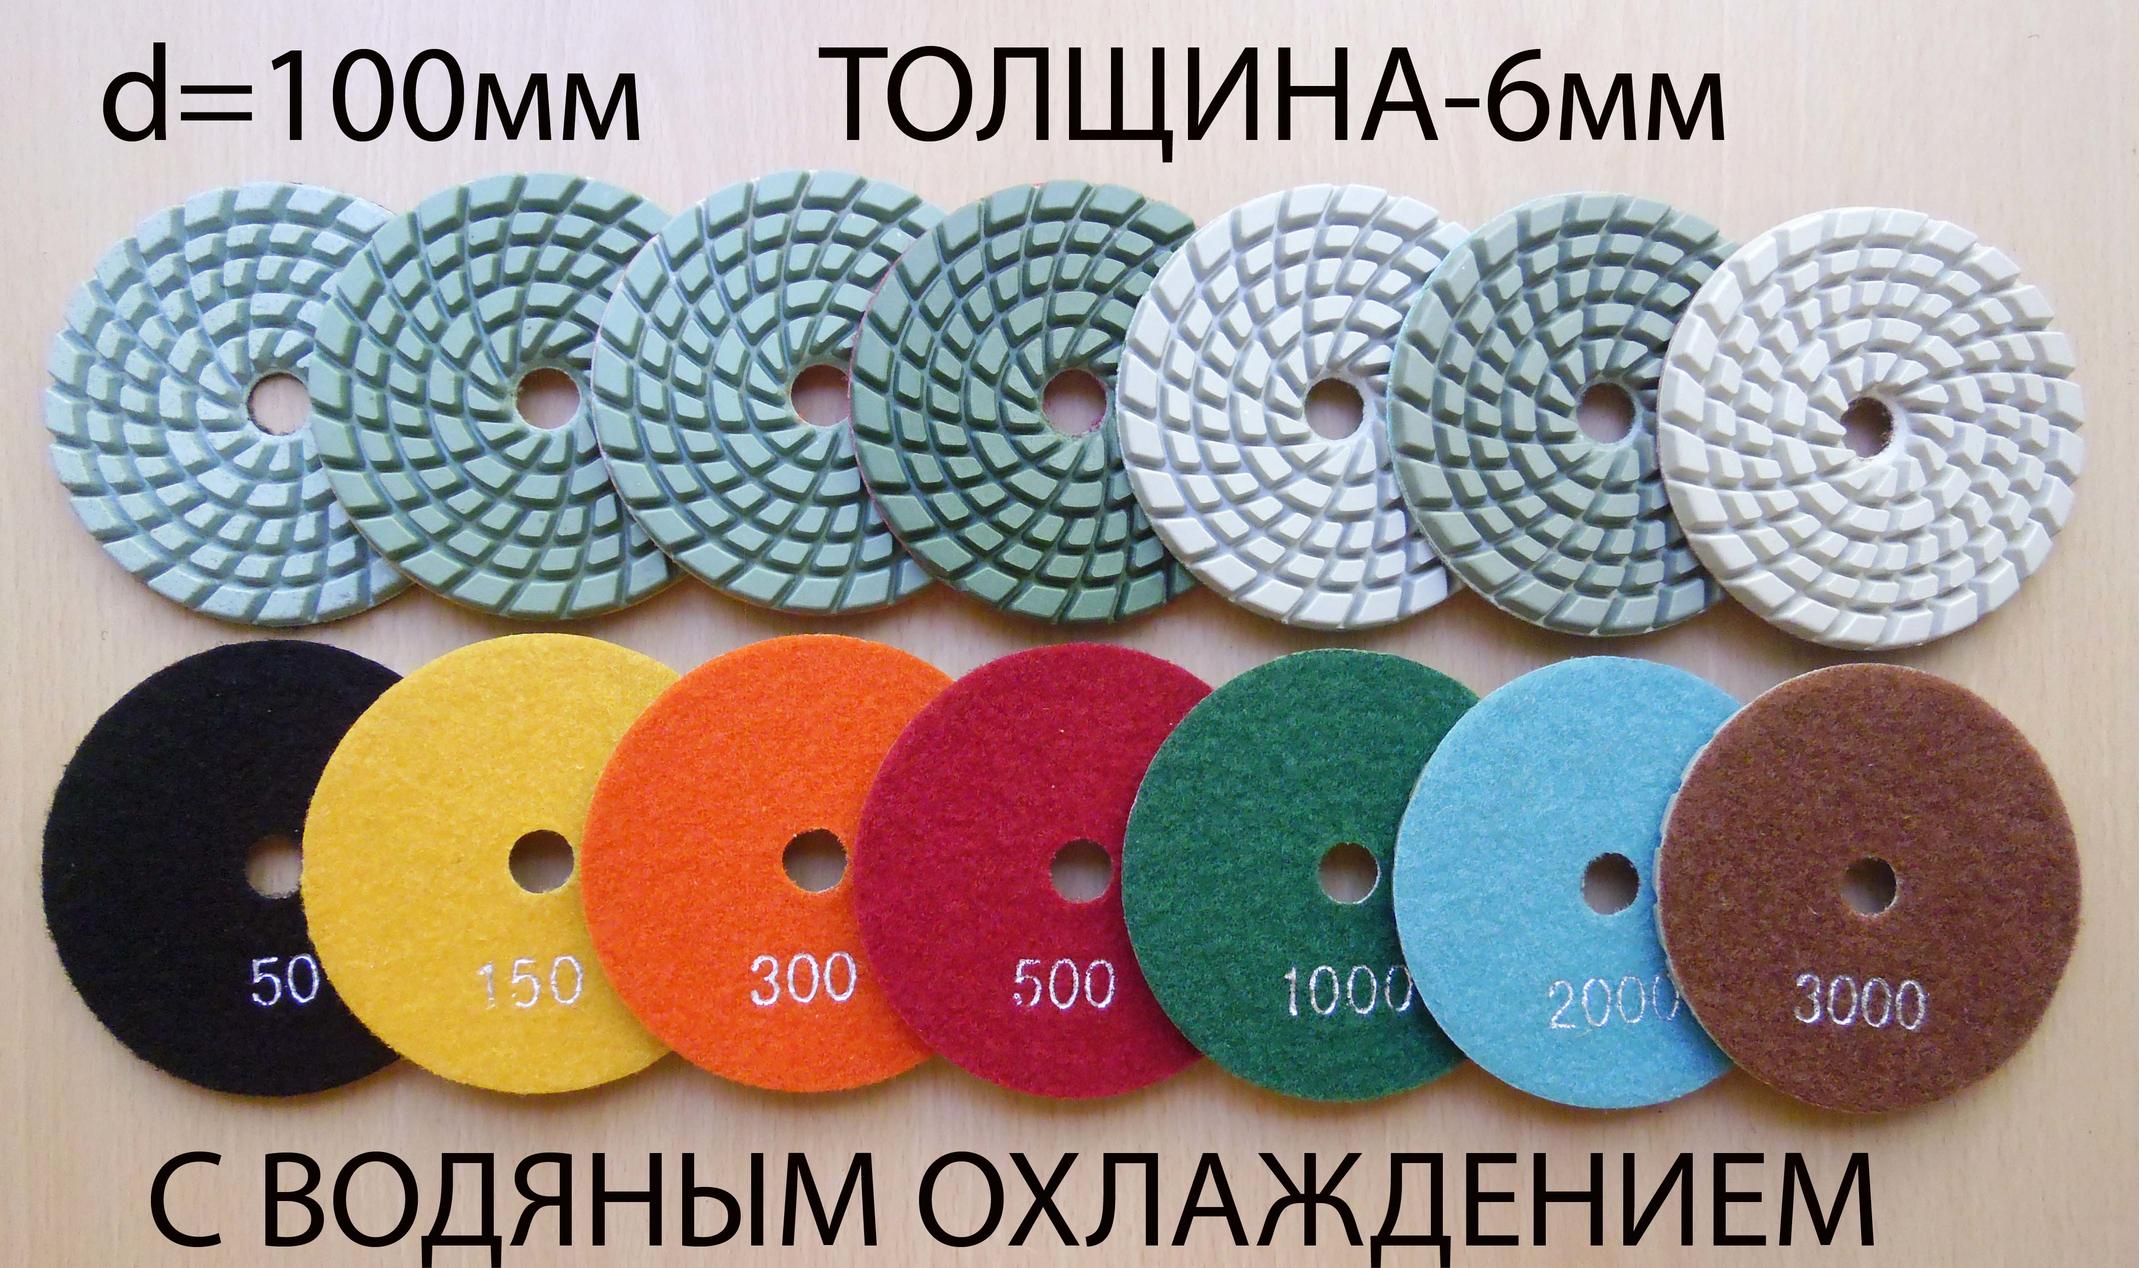 Диски черепашки для шлифовки камня(гранита и мрамора),керамогранита,металла,стекла и т.д,с водяным охлаждением. d=100 мм. Зернистость: #50-150-300-500-1000-2000-3000. ТОЛЩИНА-6 ММ !!! От 49 штук-цена: 150 руб/шт !!!.